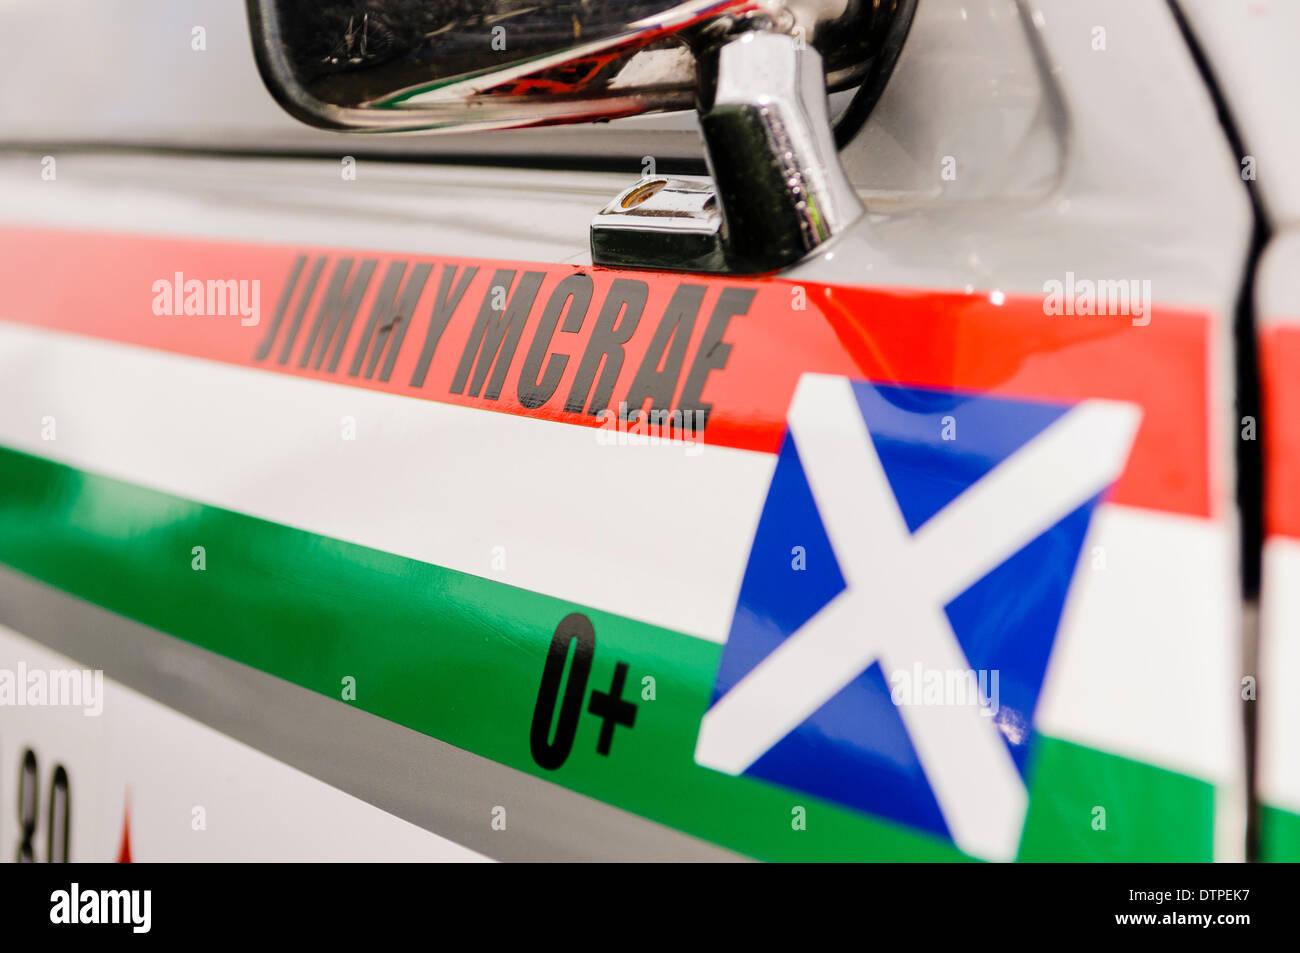 Belfast, Nordirland. 22. Februar 2014 - Jimmy McRea DVR funktioniert Vauxhall Chevette Credit: Stephen Barnes/Alamy Live-Nachrichten Stockbild